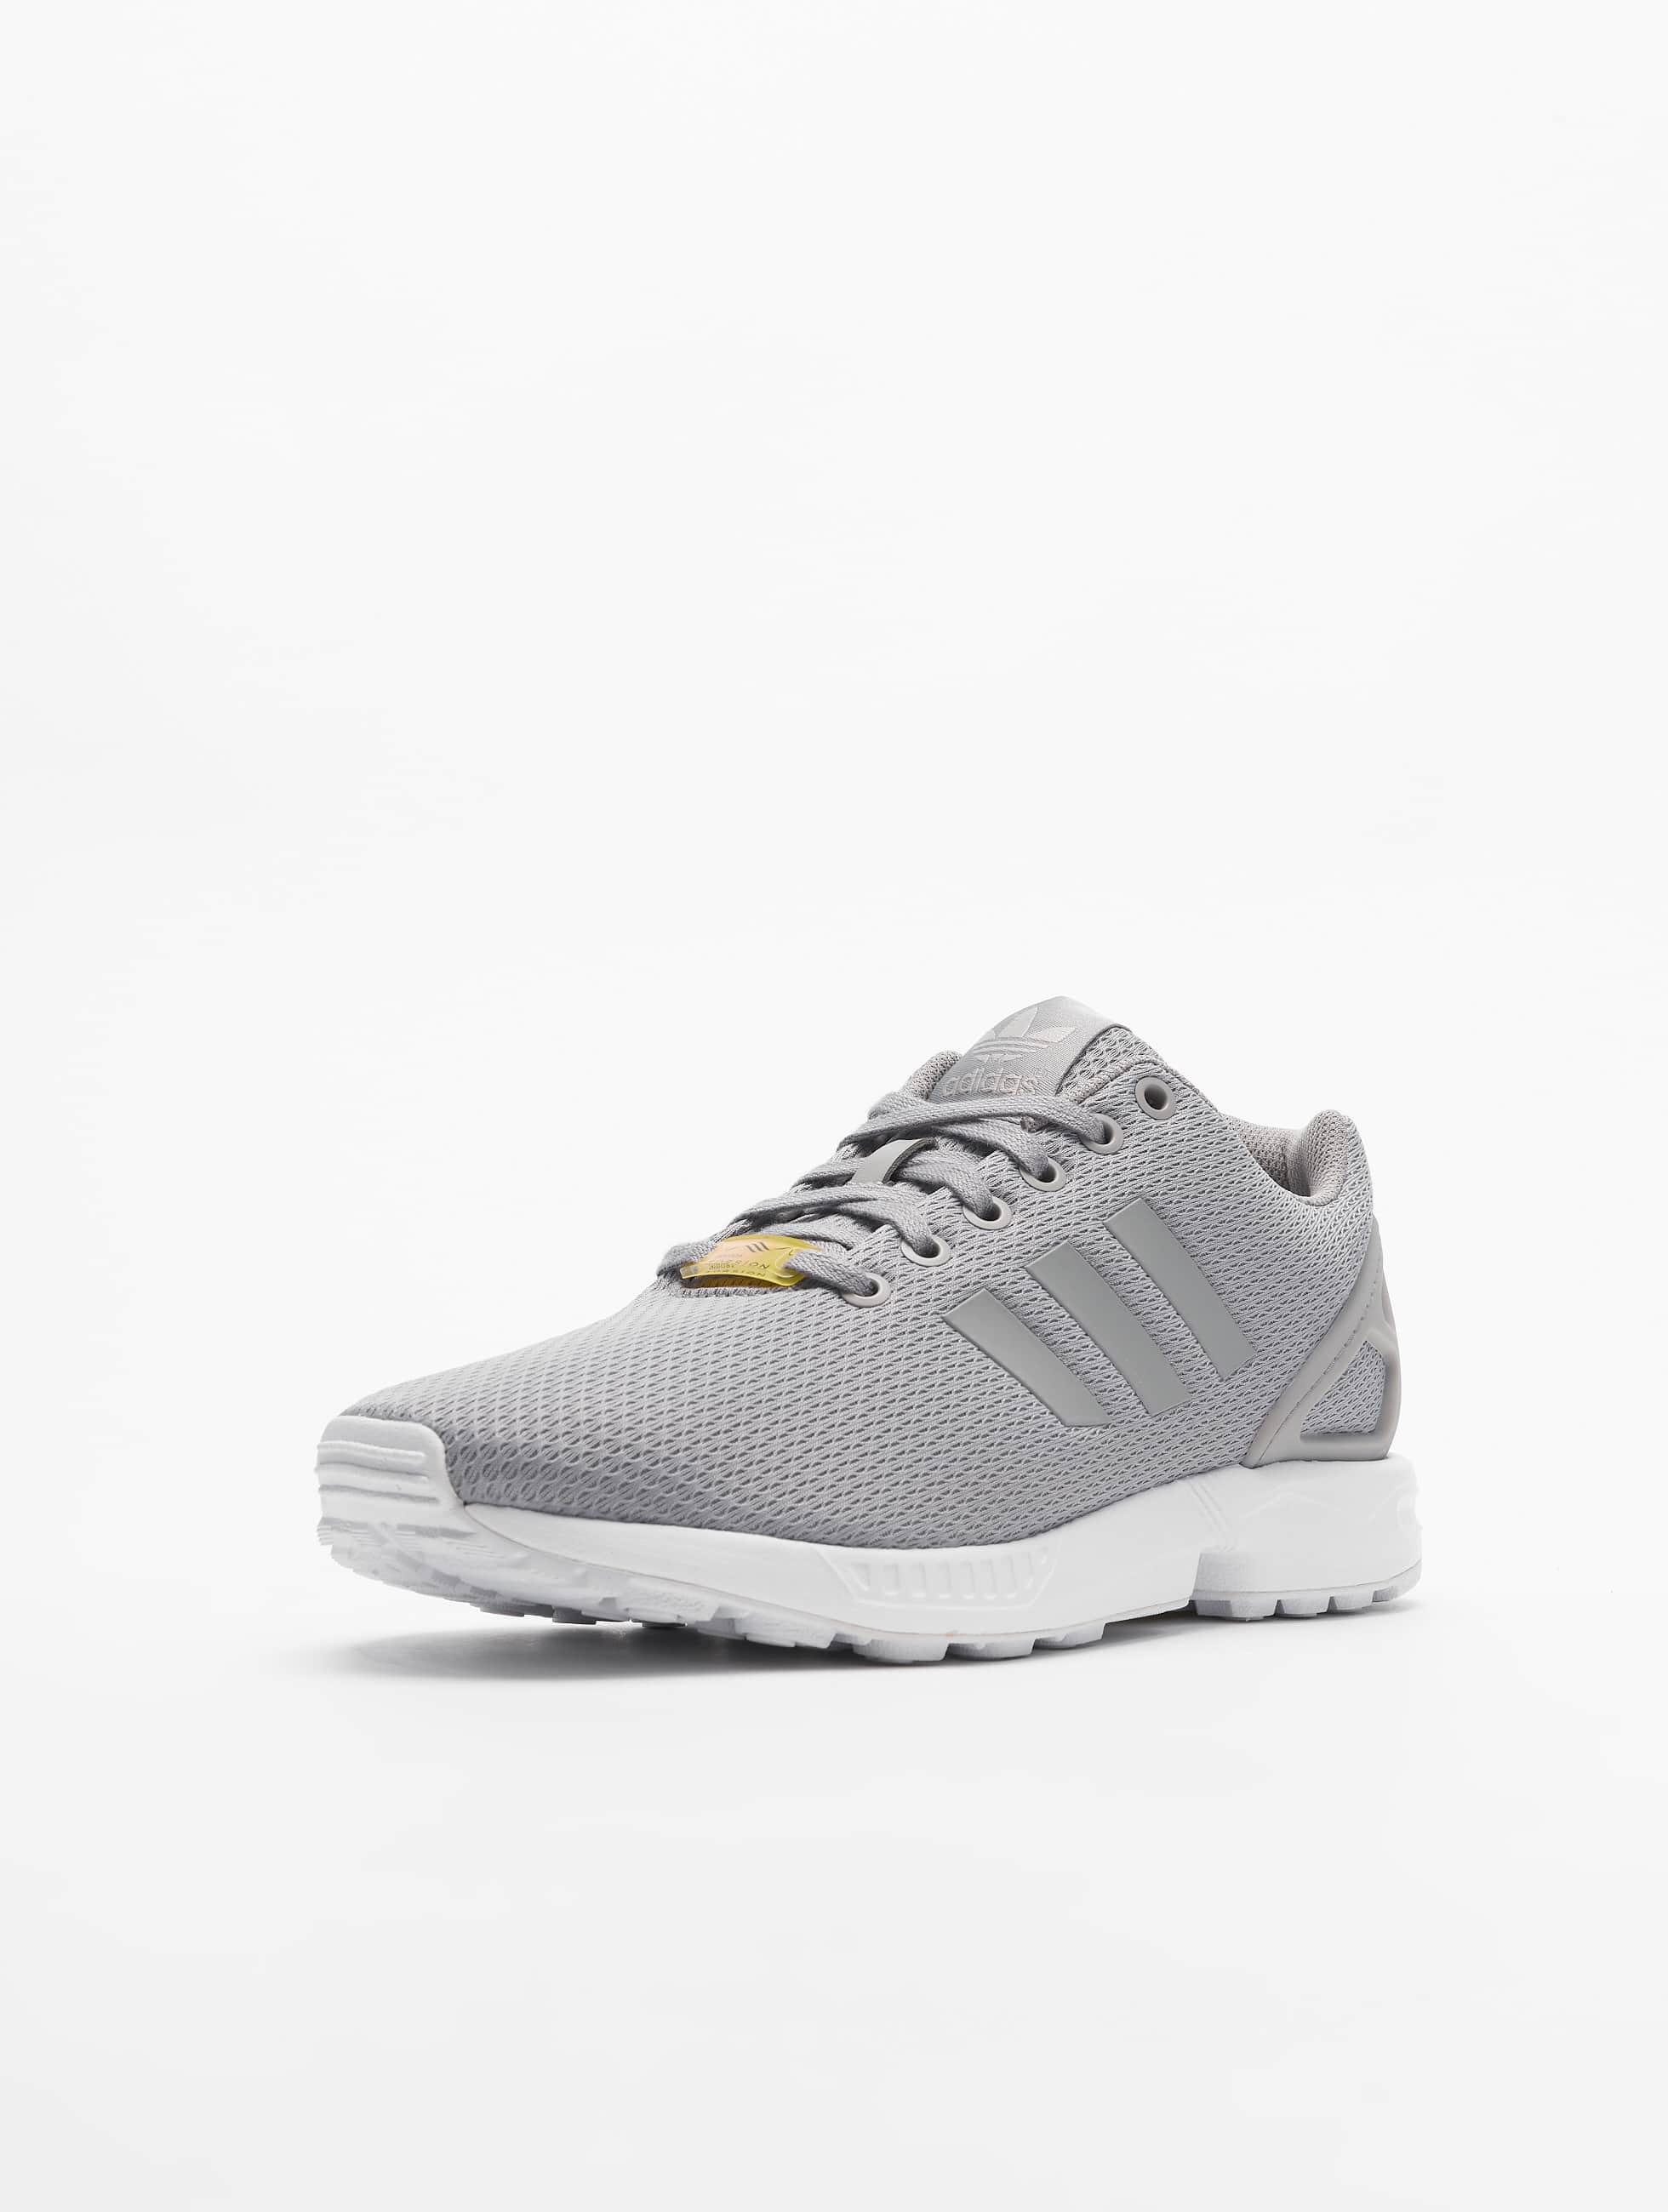 Adidas Grau Weiß